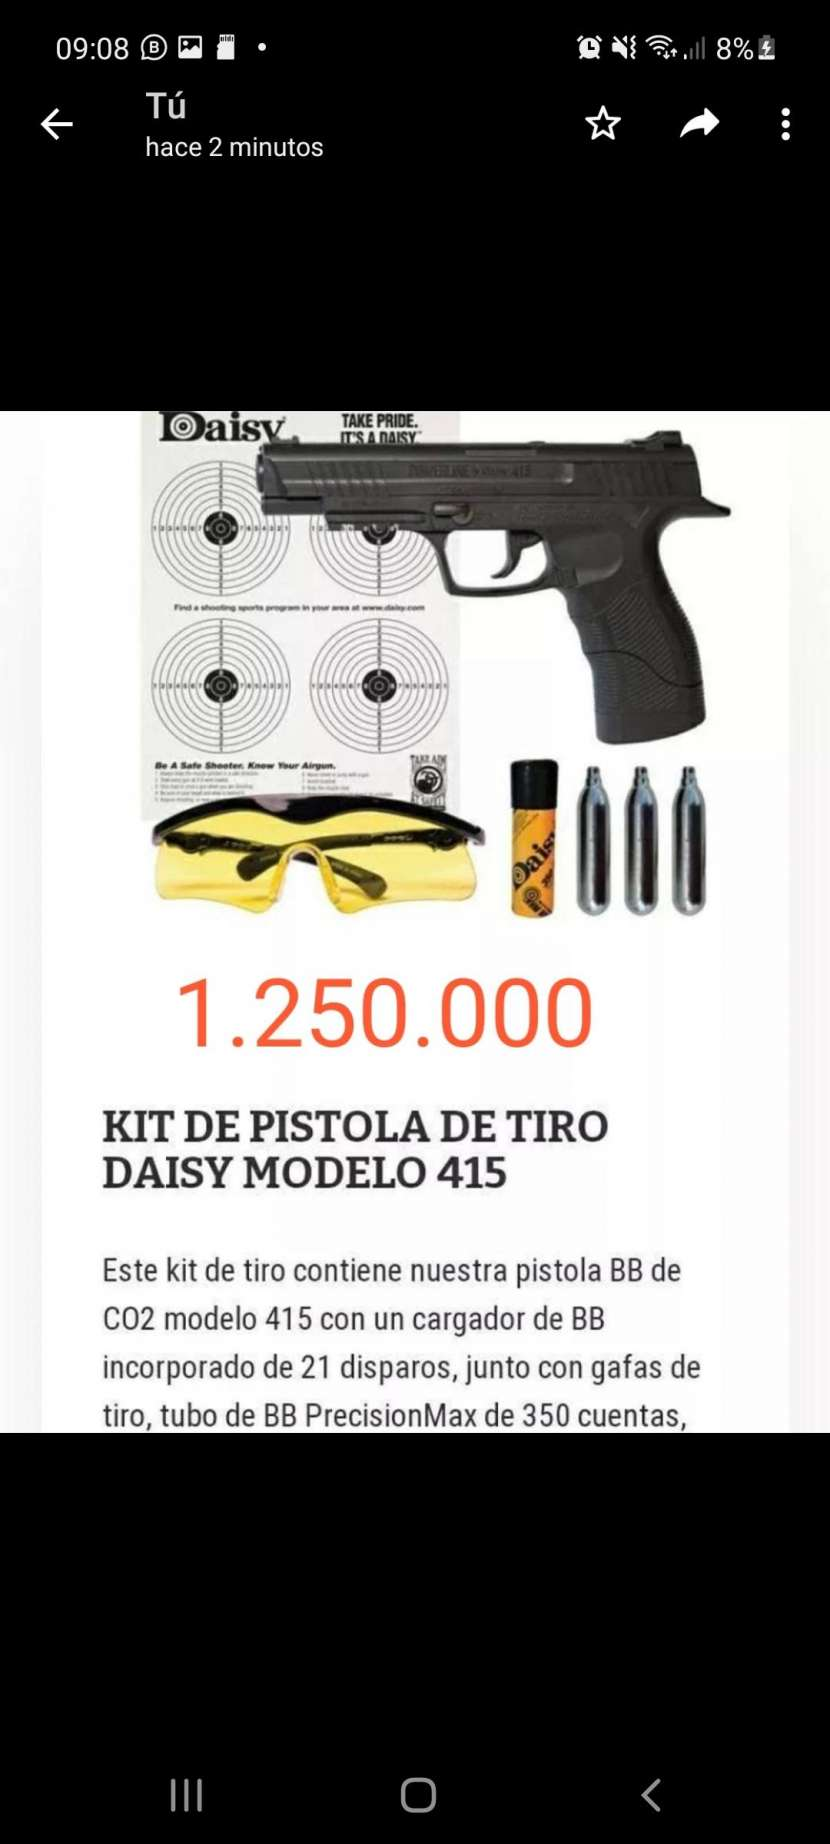 Pistola Daisy modelo 415 - 0